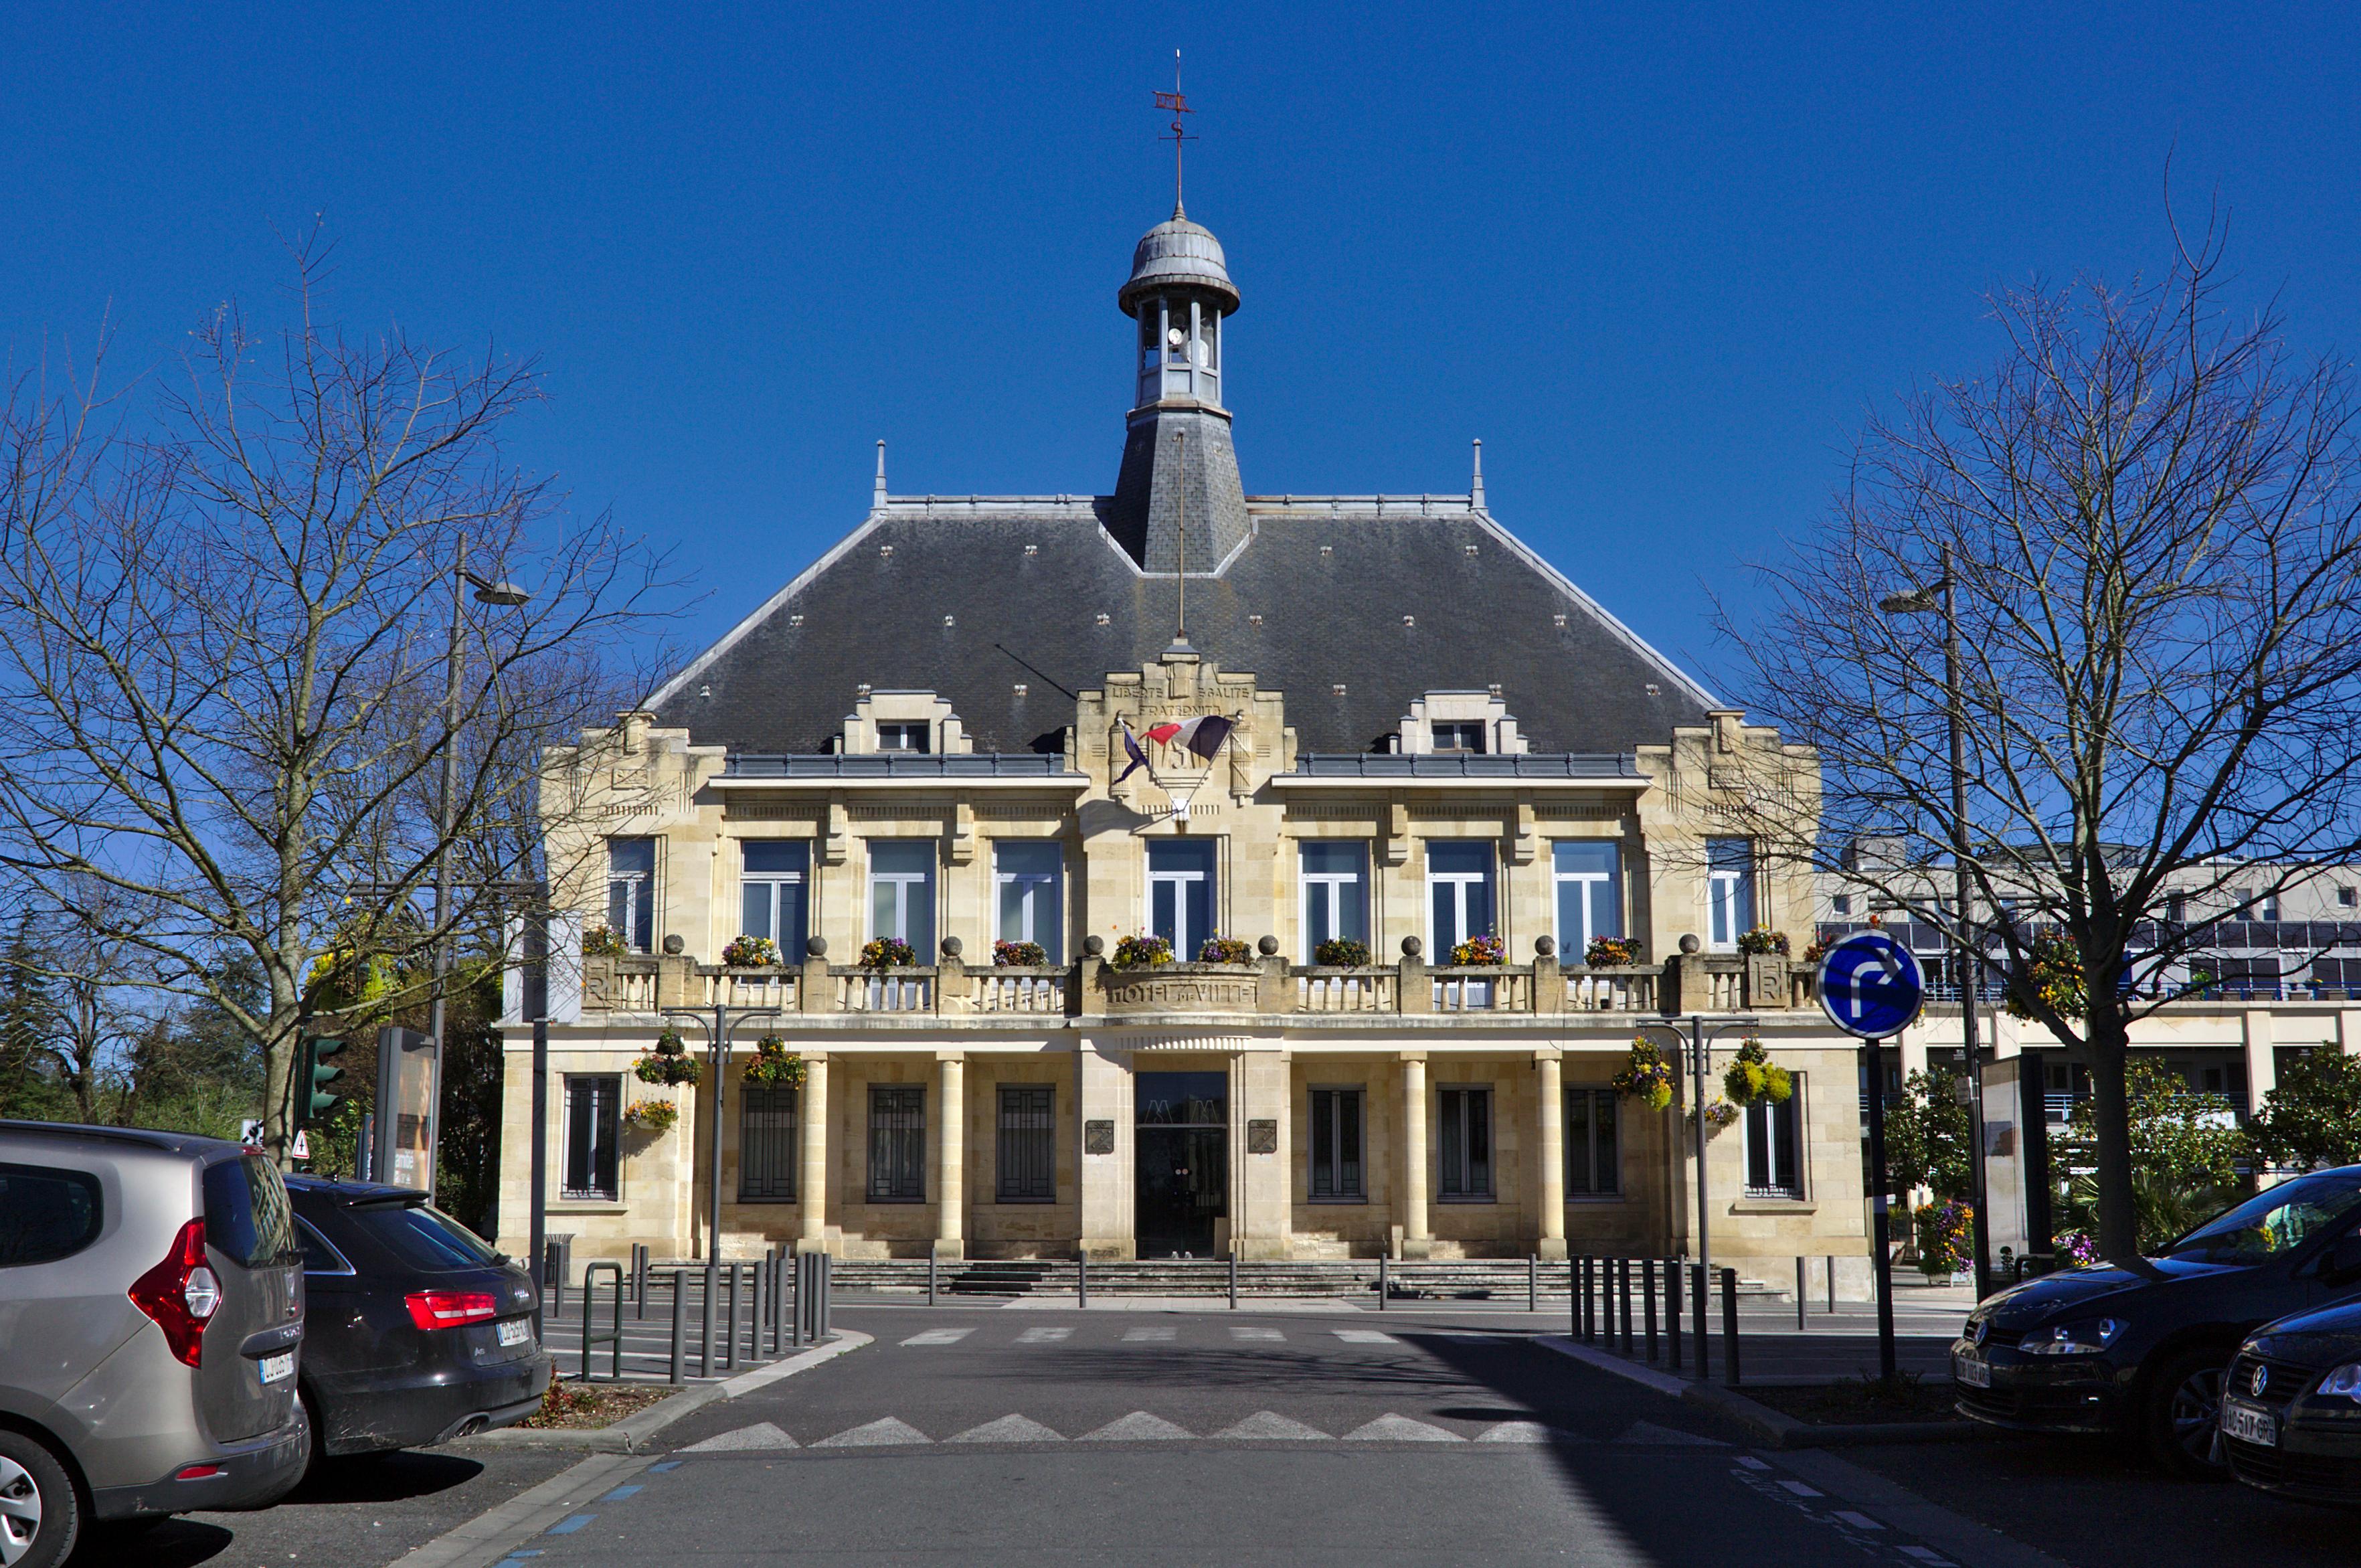 Saint-Médard-en-Jalles